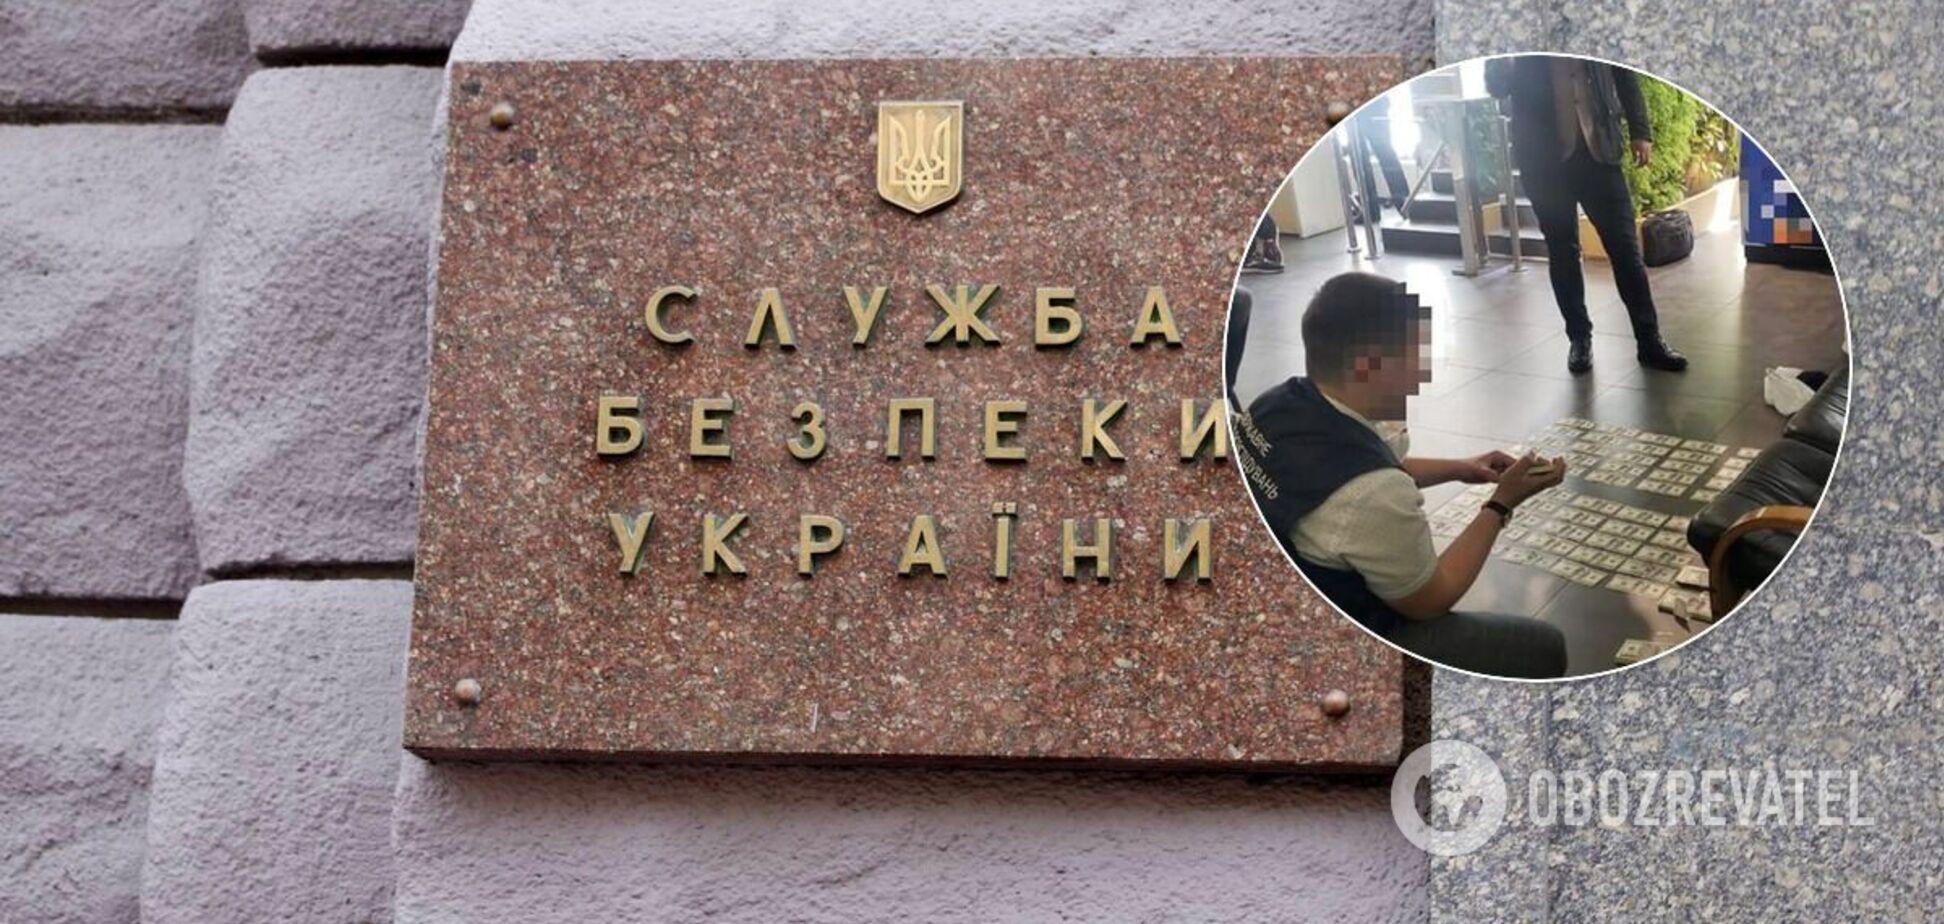 Співробітника СБУ і прокурора підозрюють у вимаганні 100 тисяч доларів у банкіра